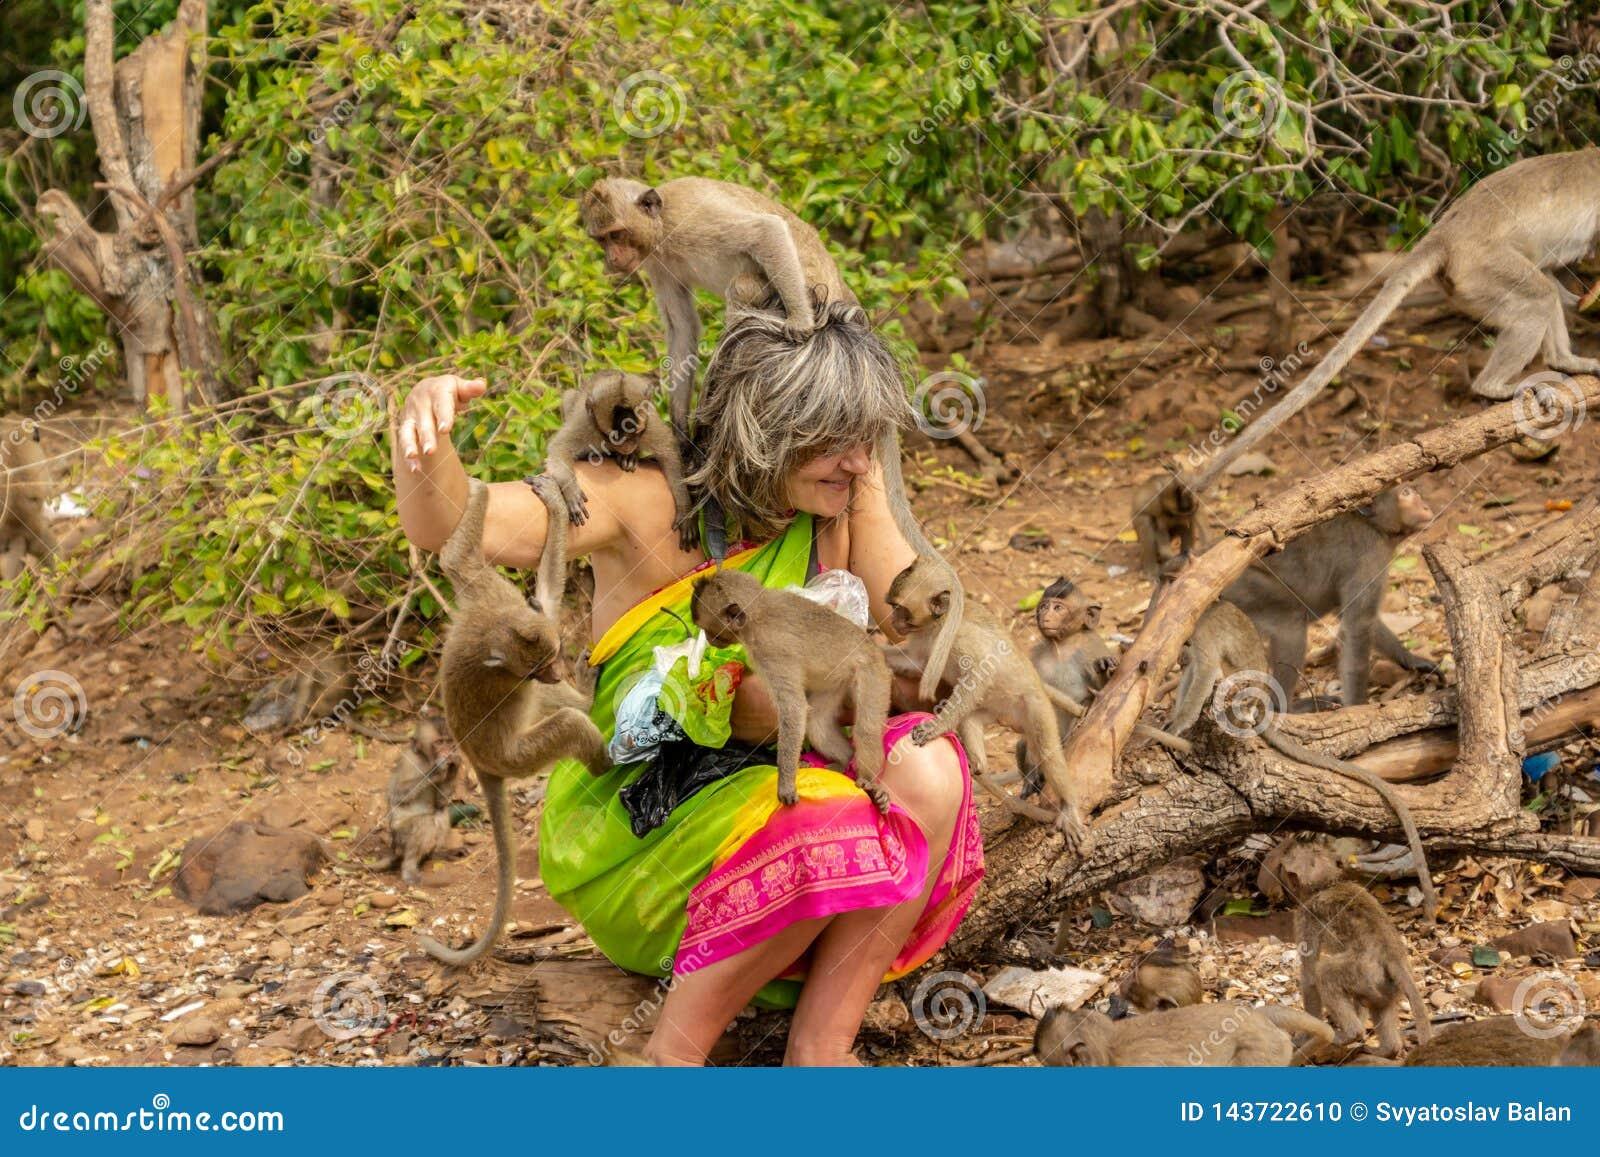 Pattaya, Thailand - 1. Januar 2014: Monkey Island nahe Pattaya